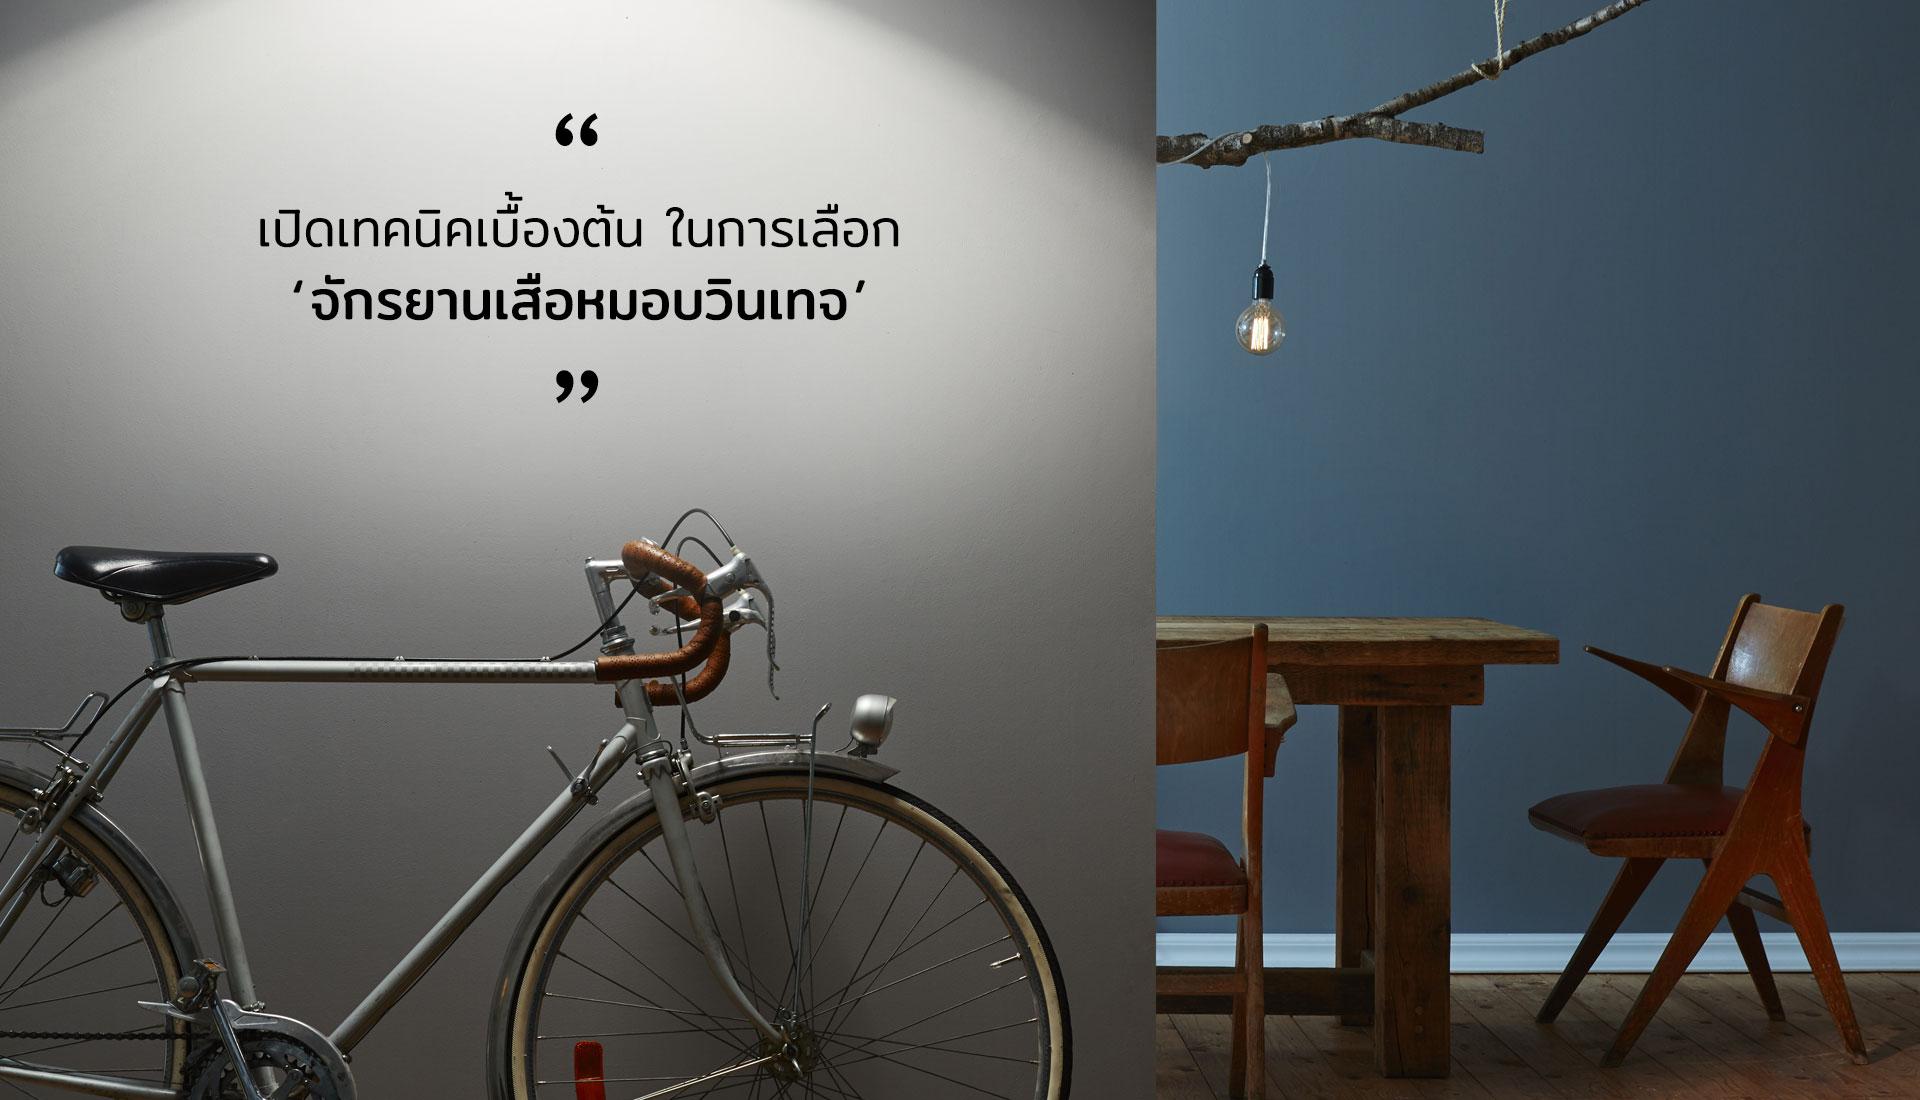 จักรยานเสือหมอบวินเทจ